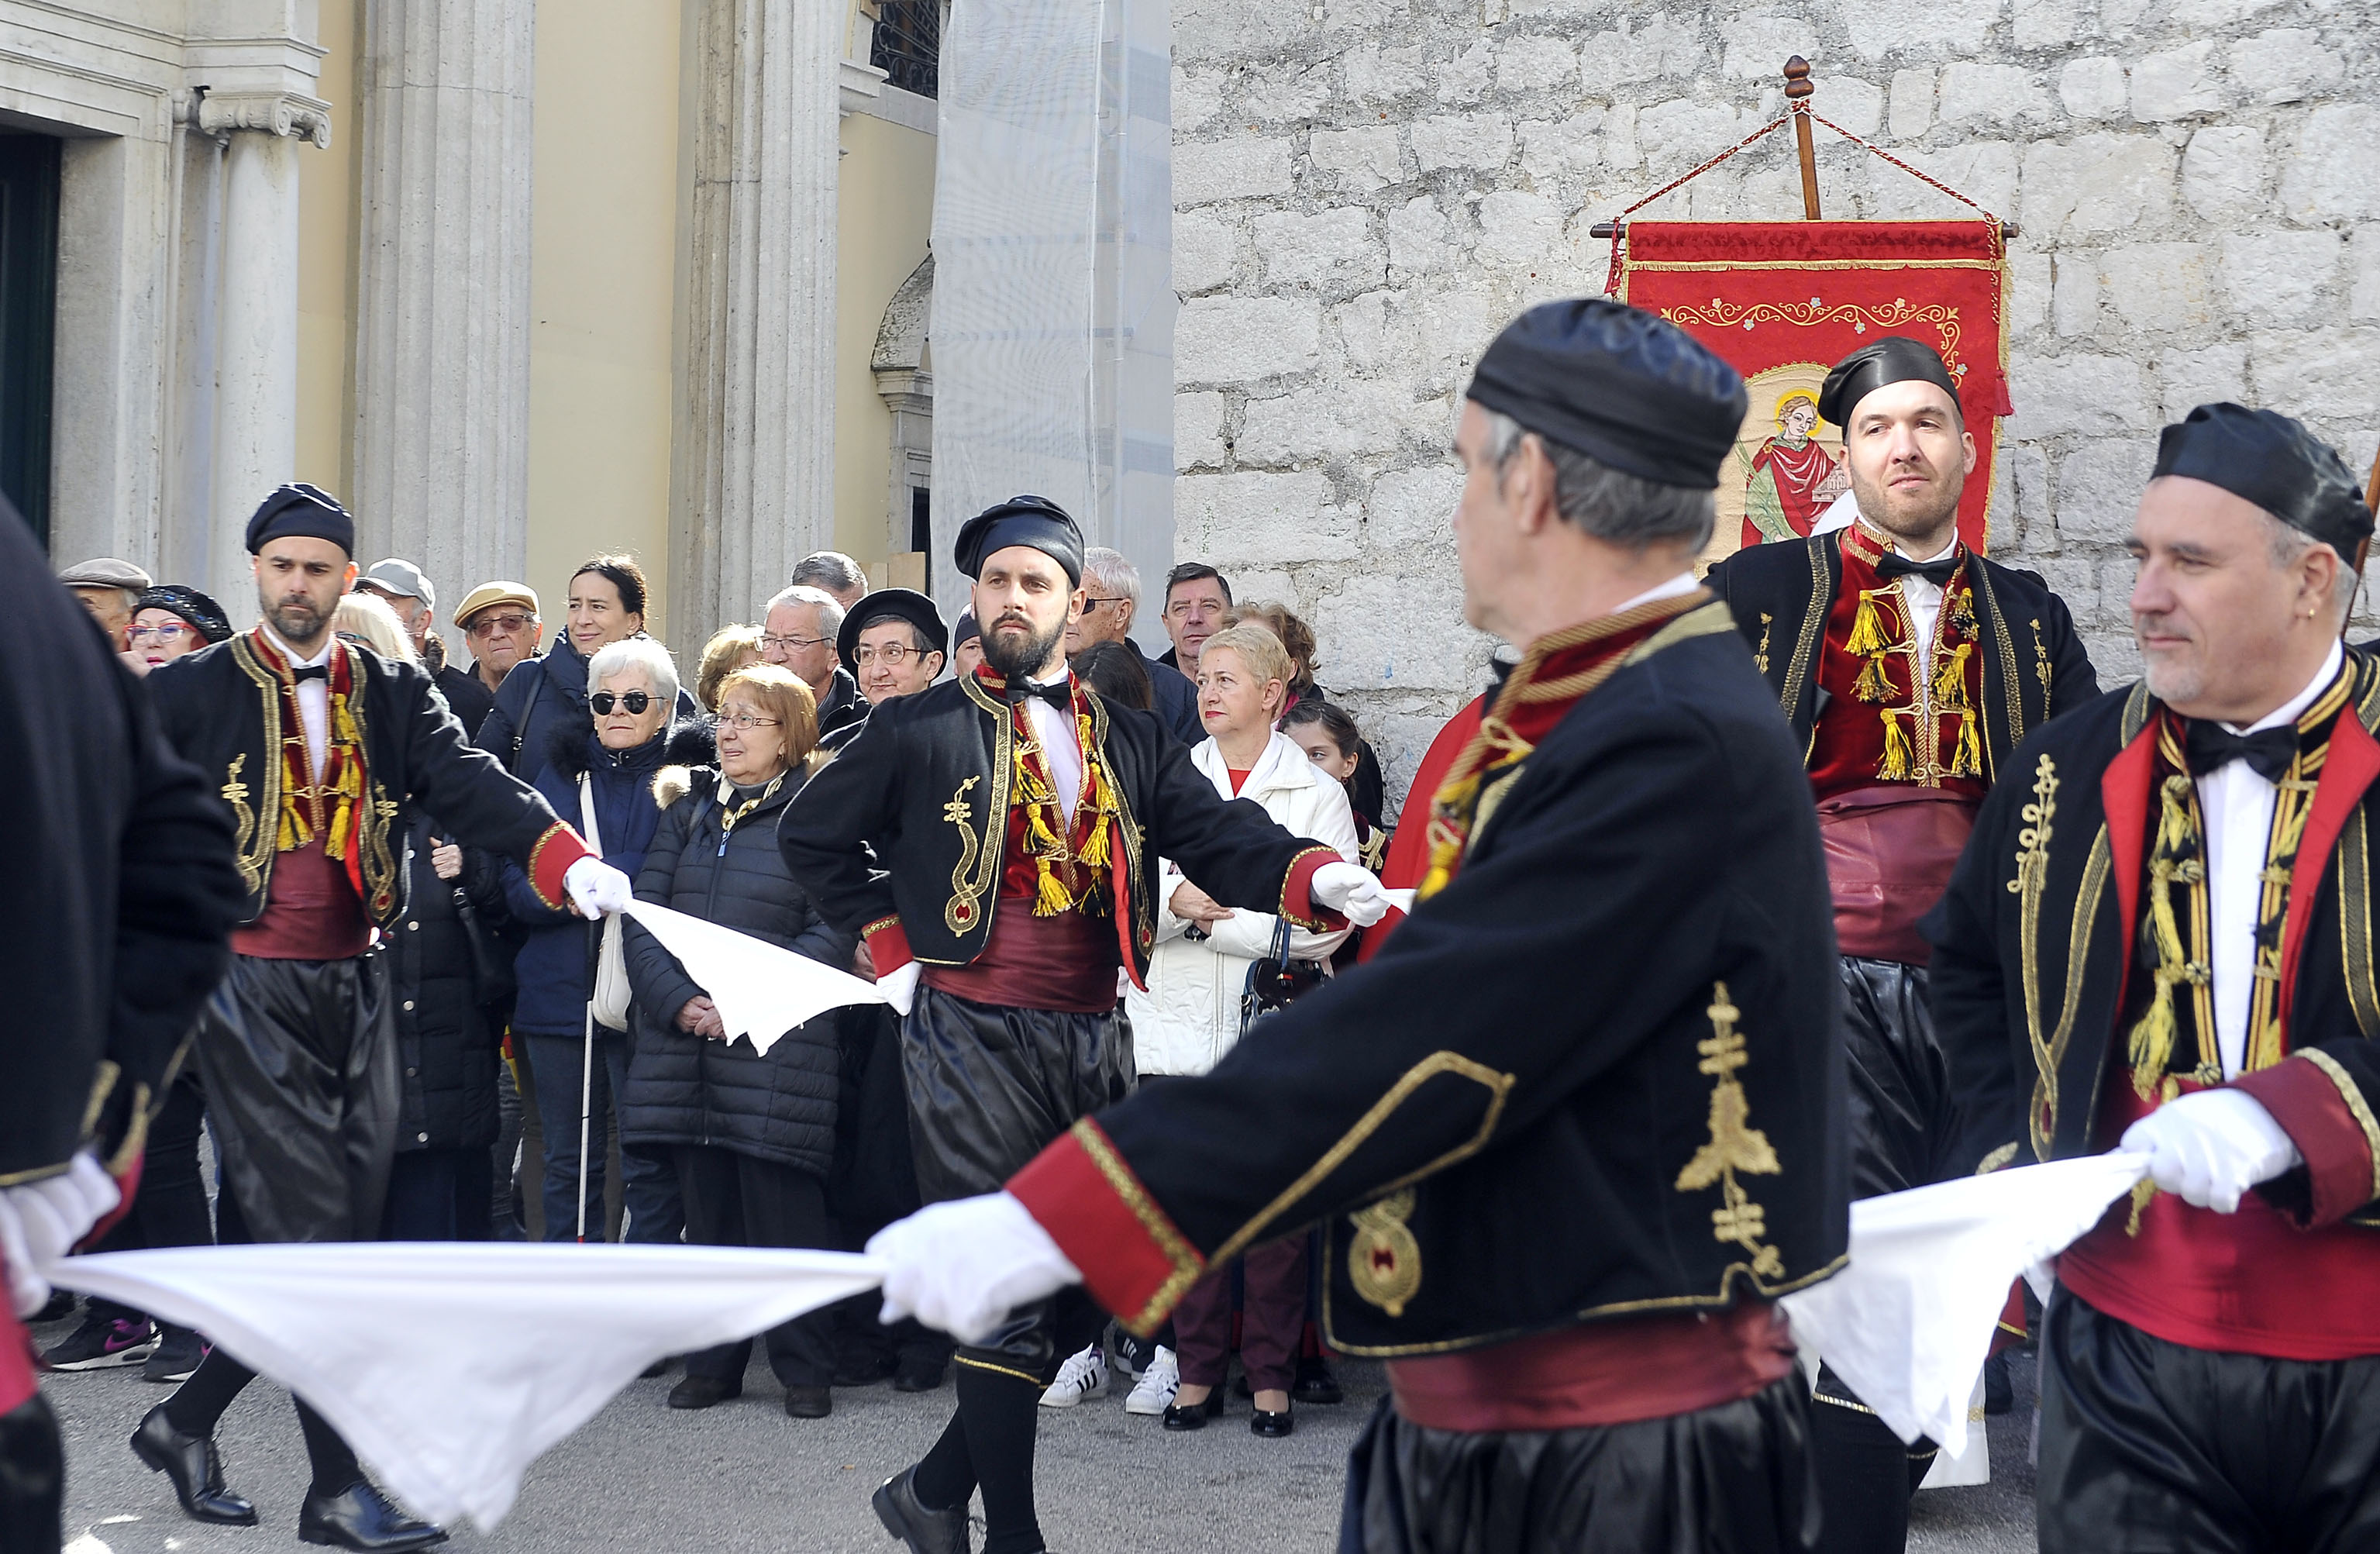 Hrvatska bratovština Bokeljska mornarica, Bokeljski Hrvati, snimio Vedran KARUZA